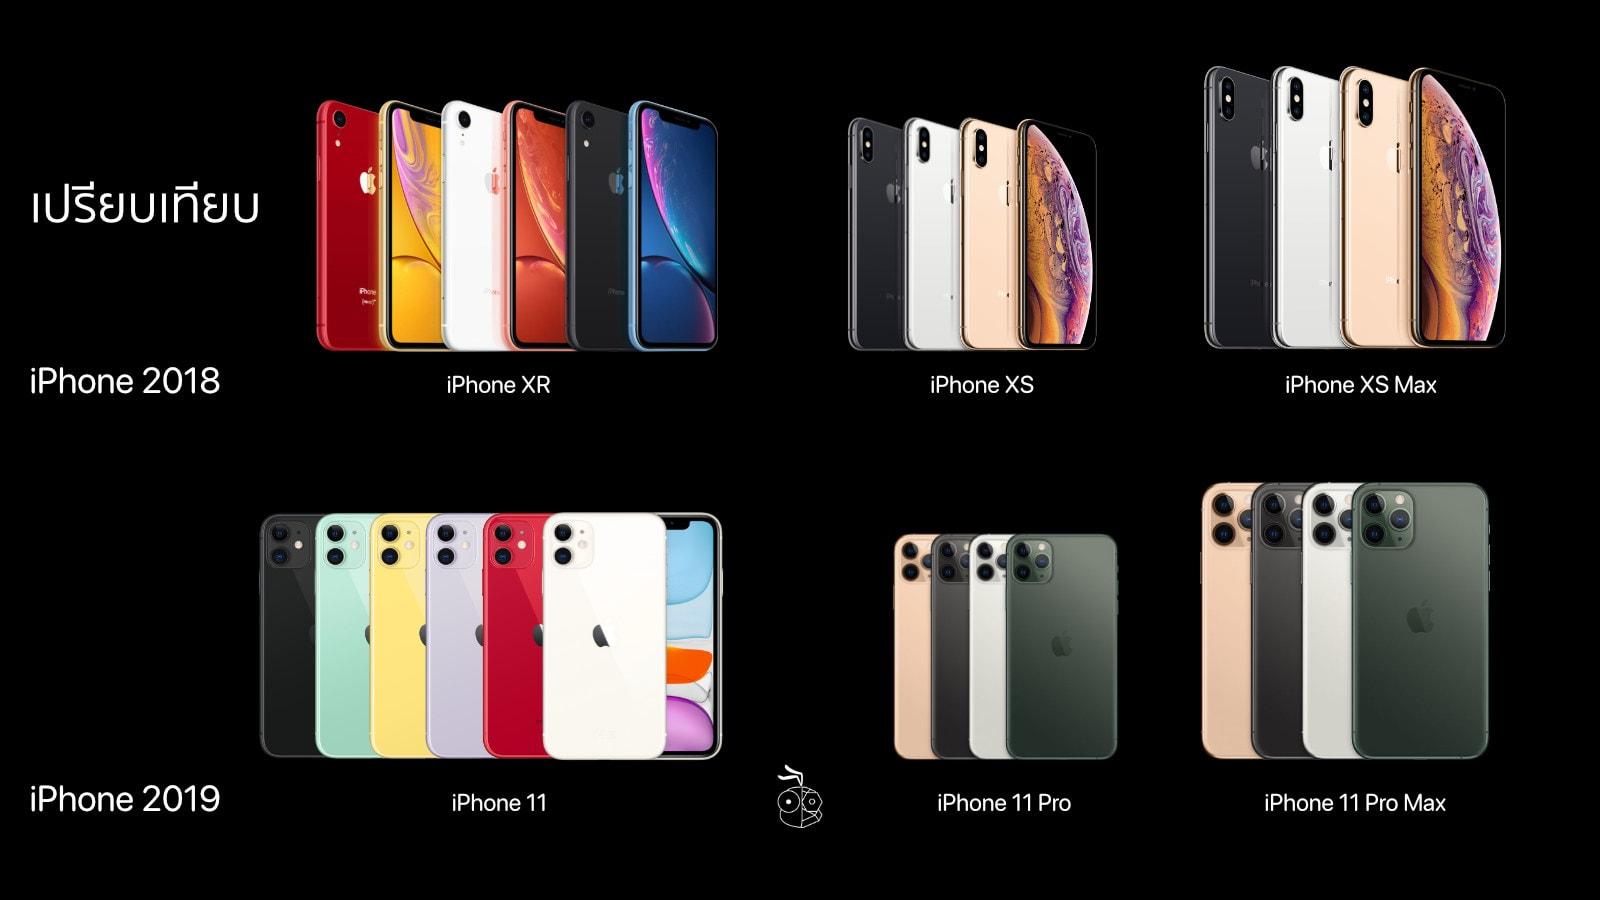 Iphone 2018 Vs Iphone 2019 Edited